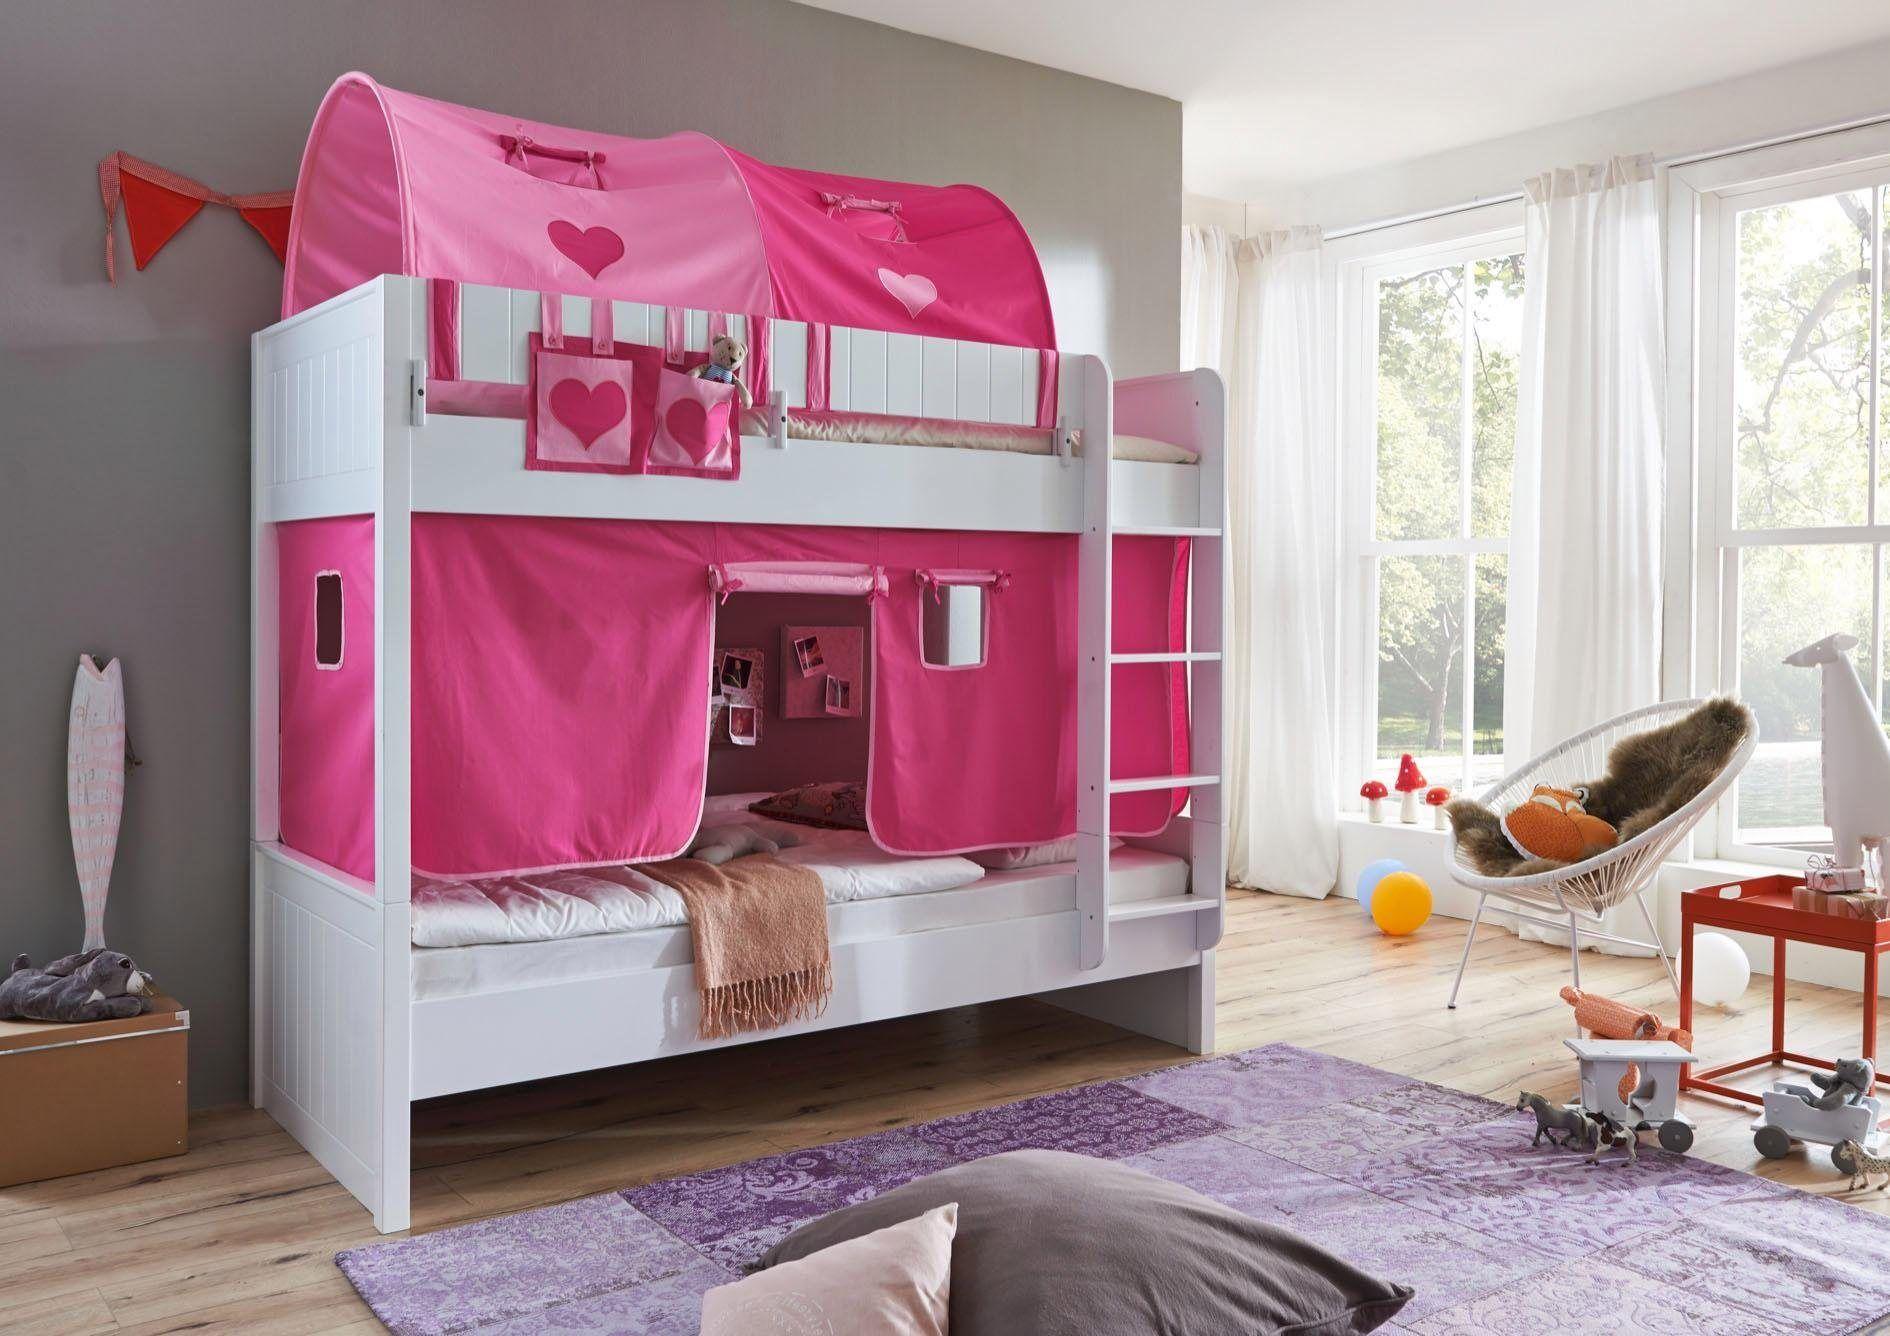 Tunnel Set Etagenbett : Relita einzel etagenbett luka« mit vorhang set tasche und er